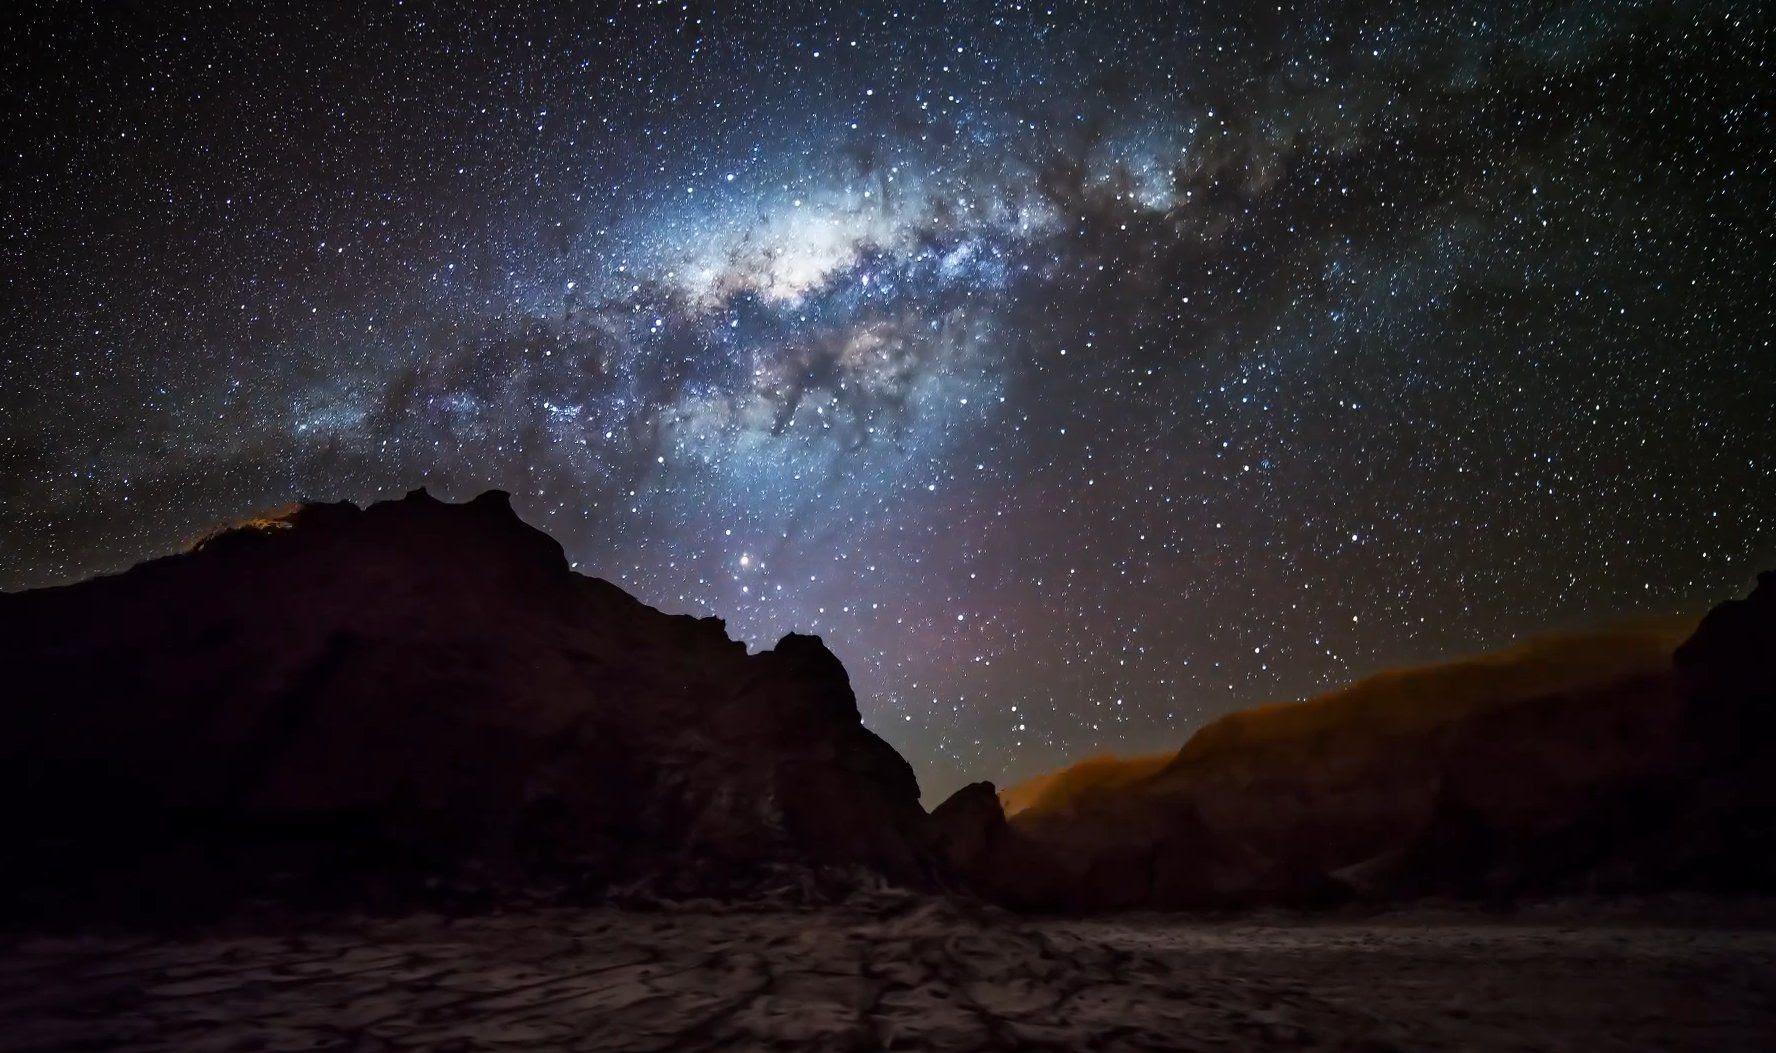 фото ночного неба в сахаре нашей